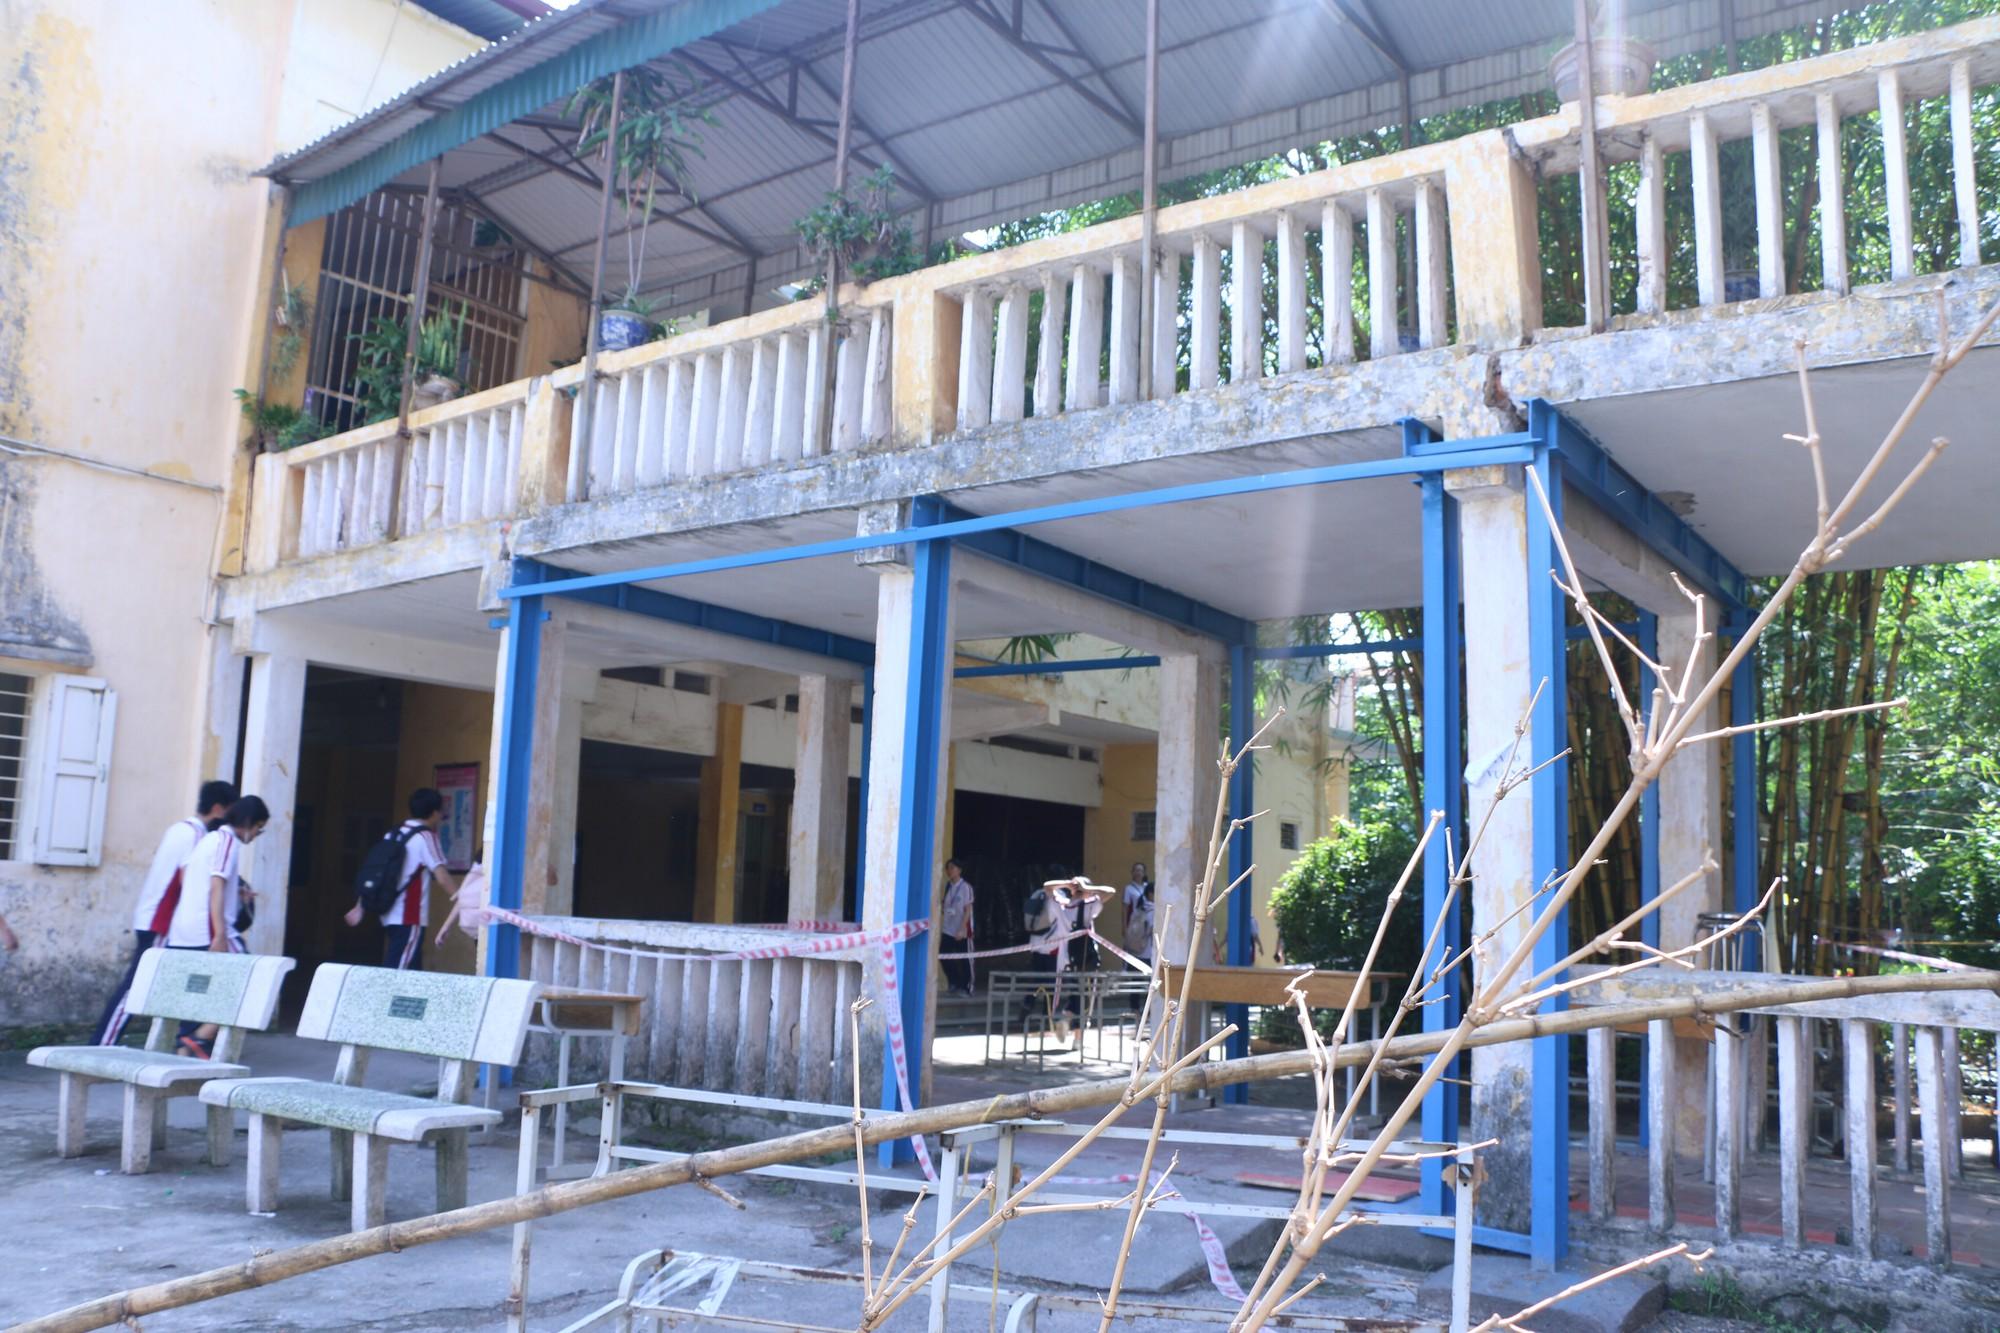 Vữa trần rơi, lan can được rào tạm bằng dây thép gai, ngôi trường cấp 3 giữa Hà Nội có nguy cơ đổ sập  - Ảnh 4.